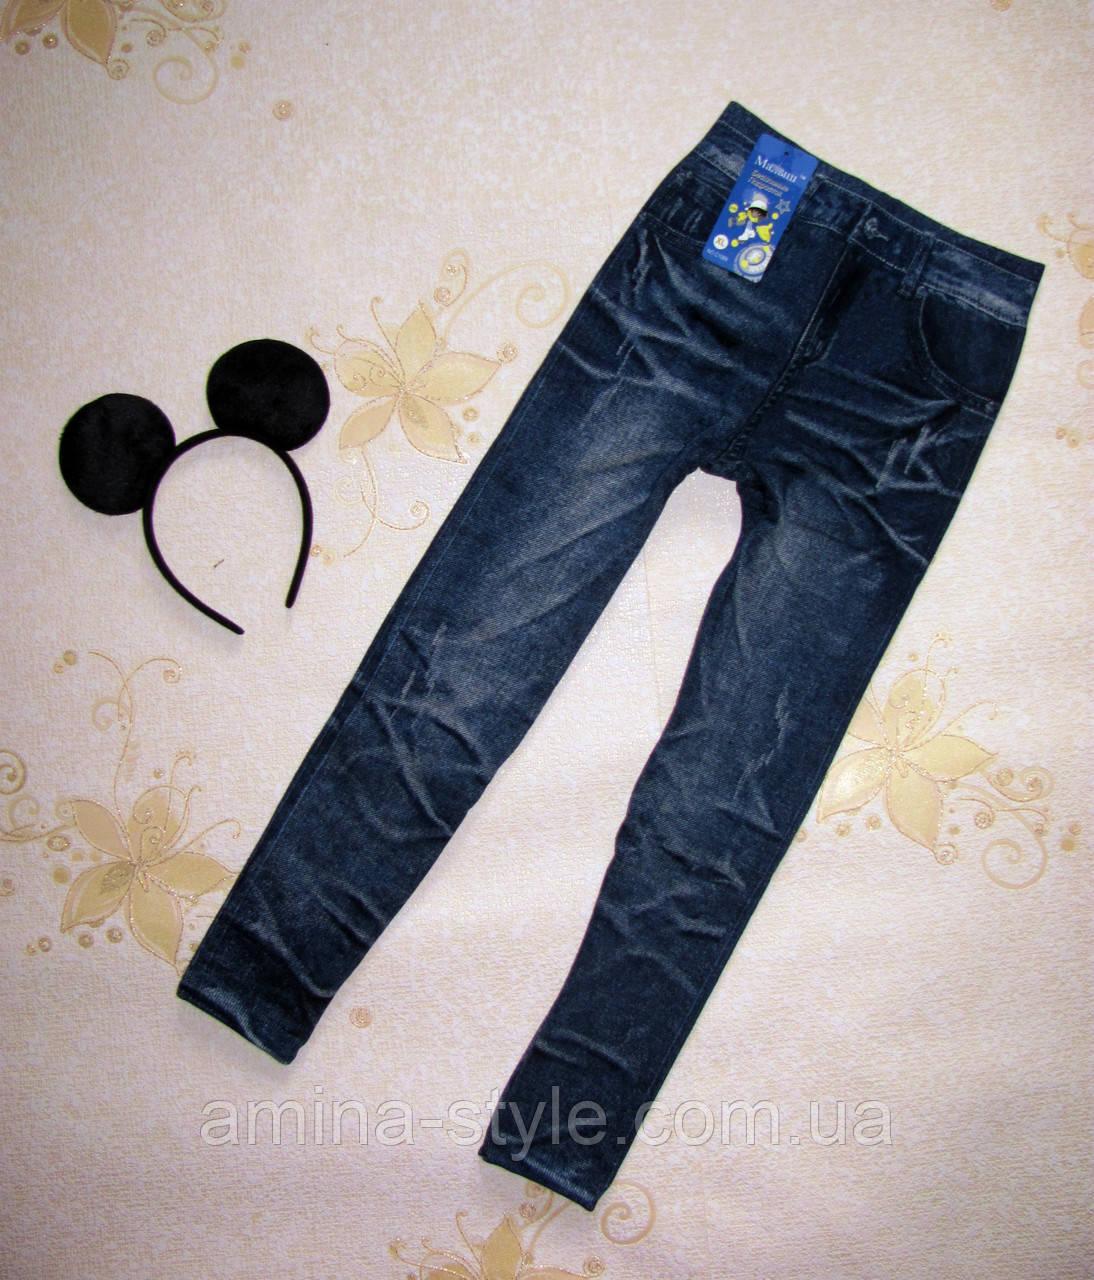 Детские лосины под джинс МАХРА размер XL (6-7 лет)